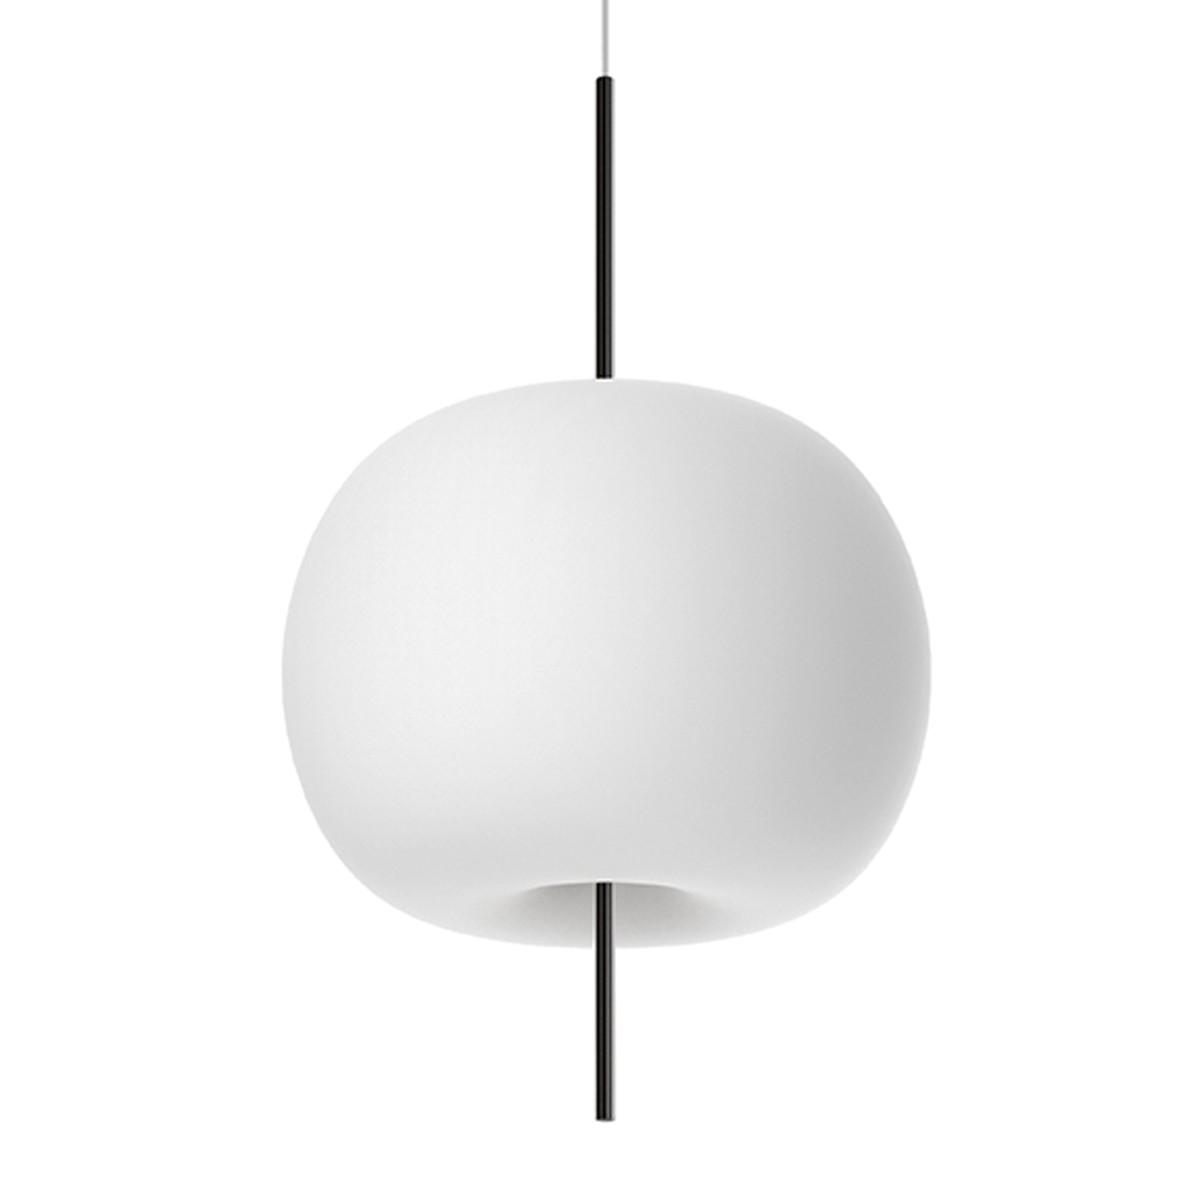 Kundalini Kushi 33 LED Pendelleuchte, opalweiß / schwarz